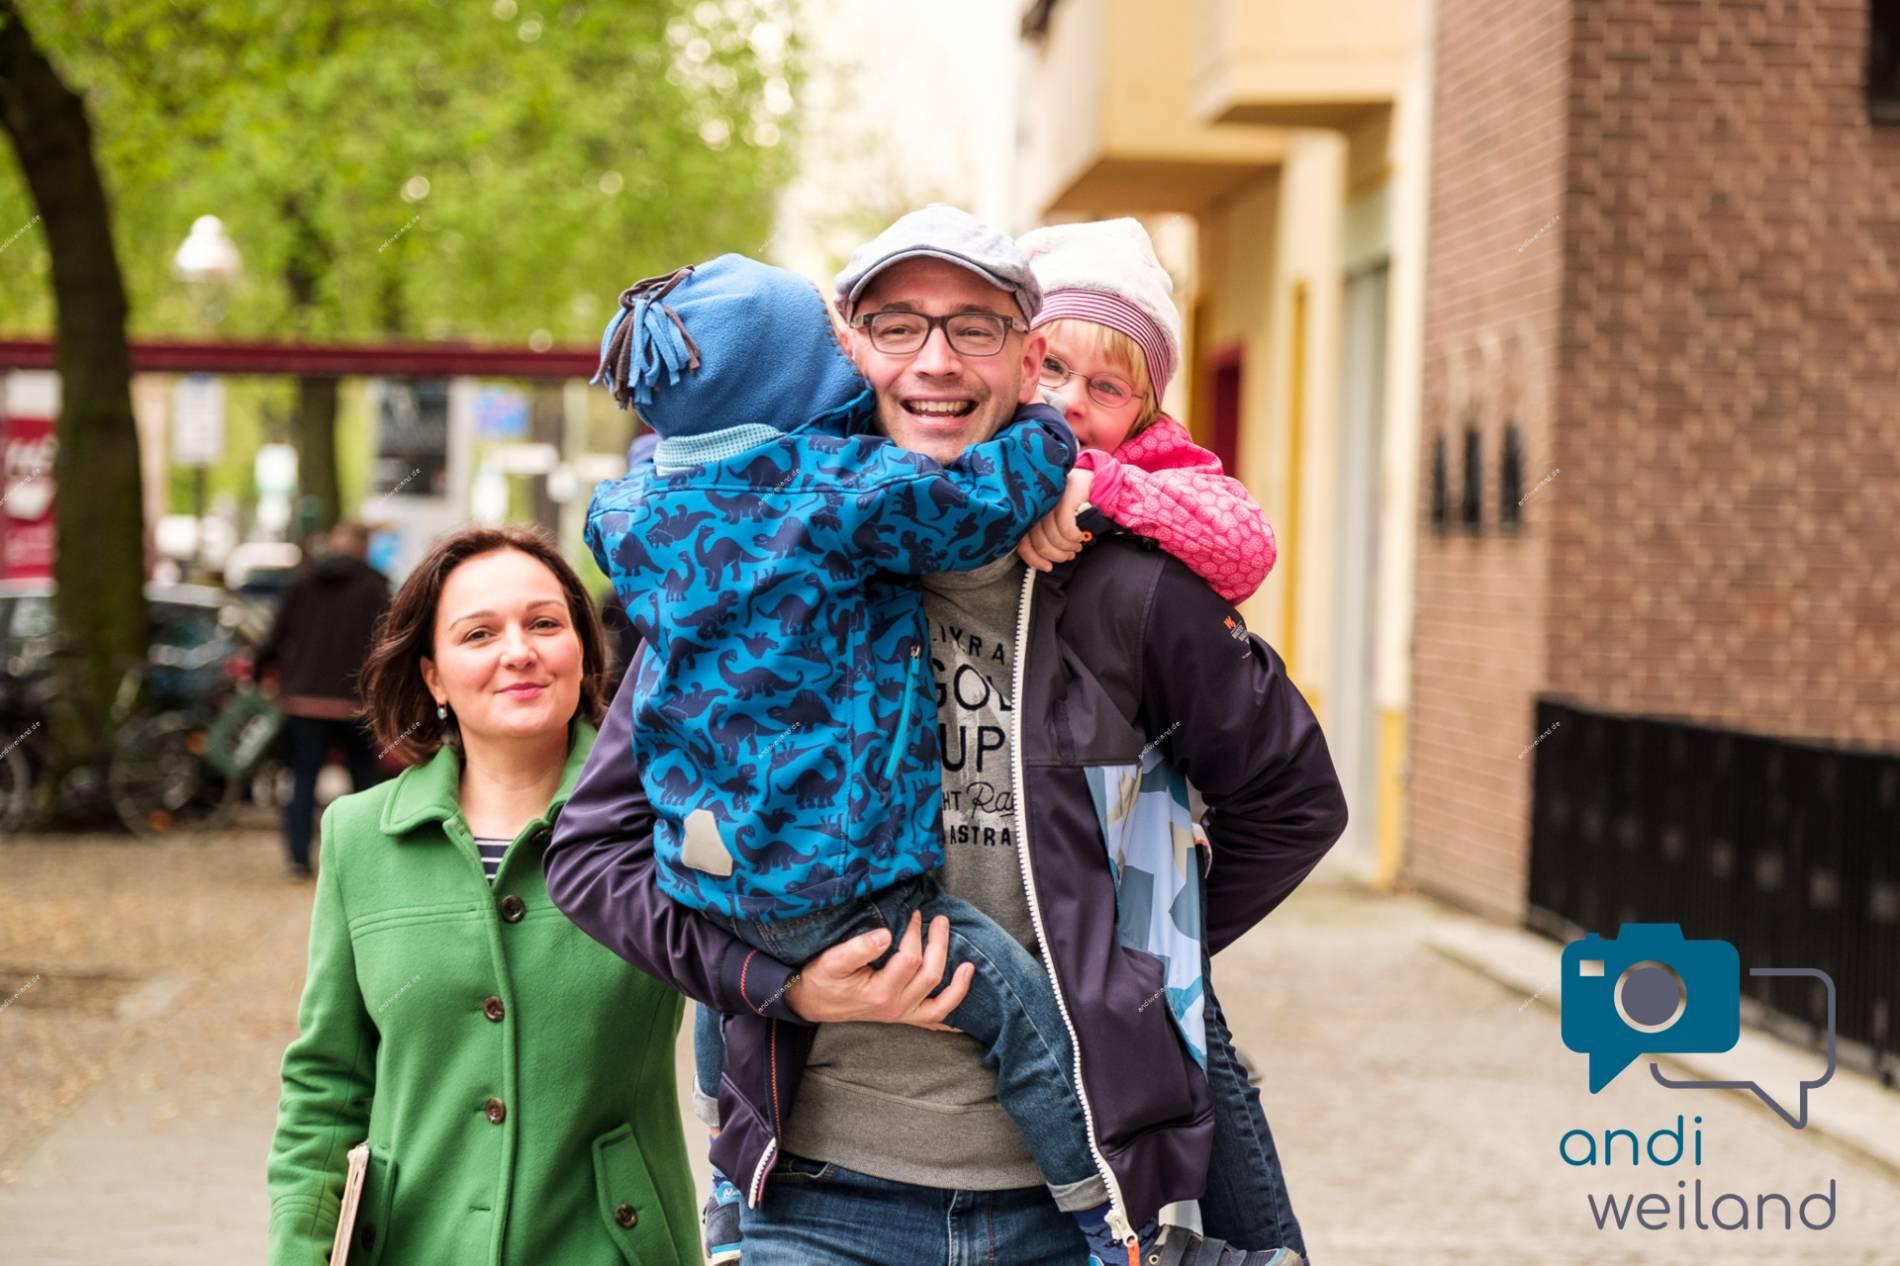 Andi Weiland Familie und Behinderung